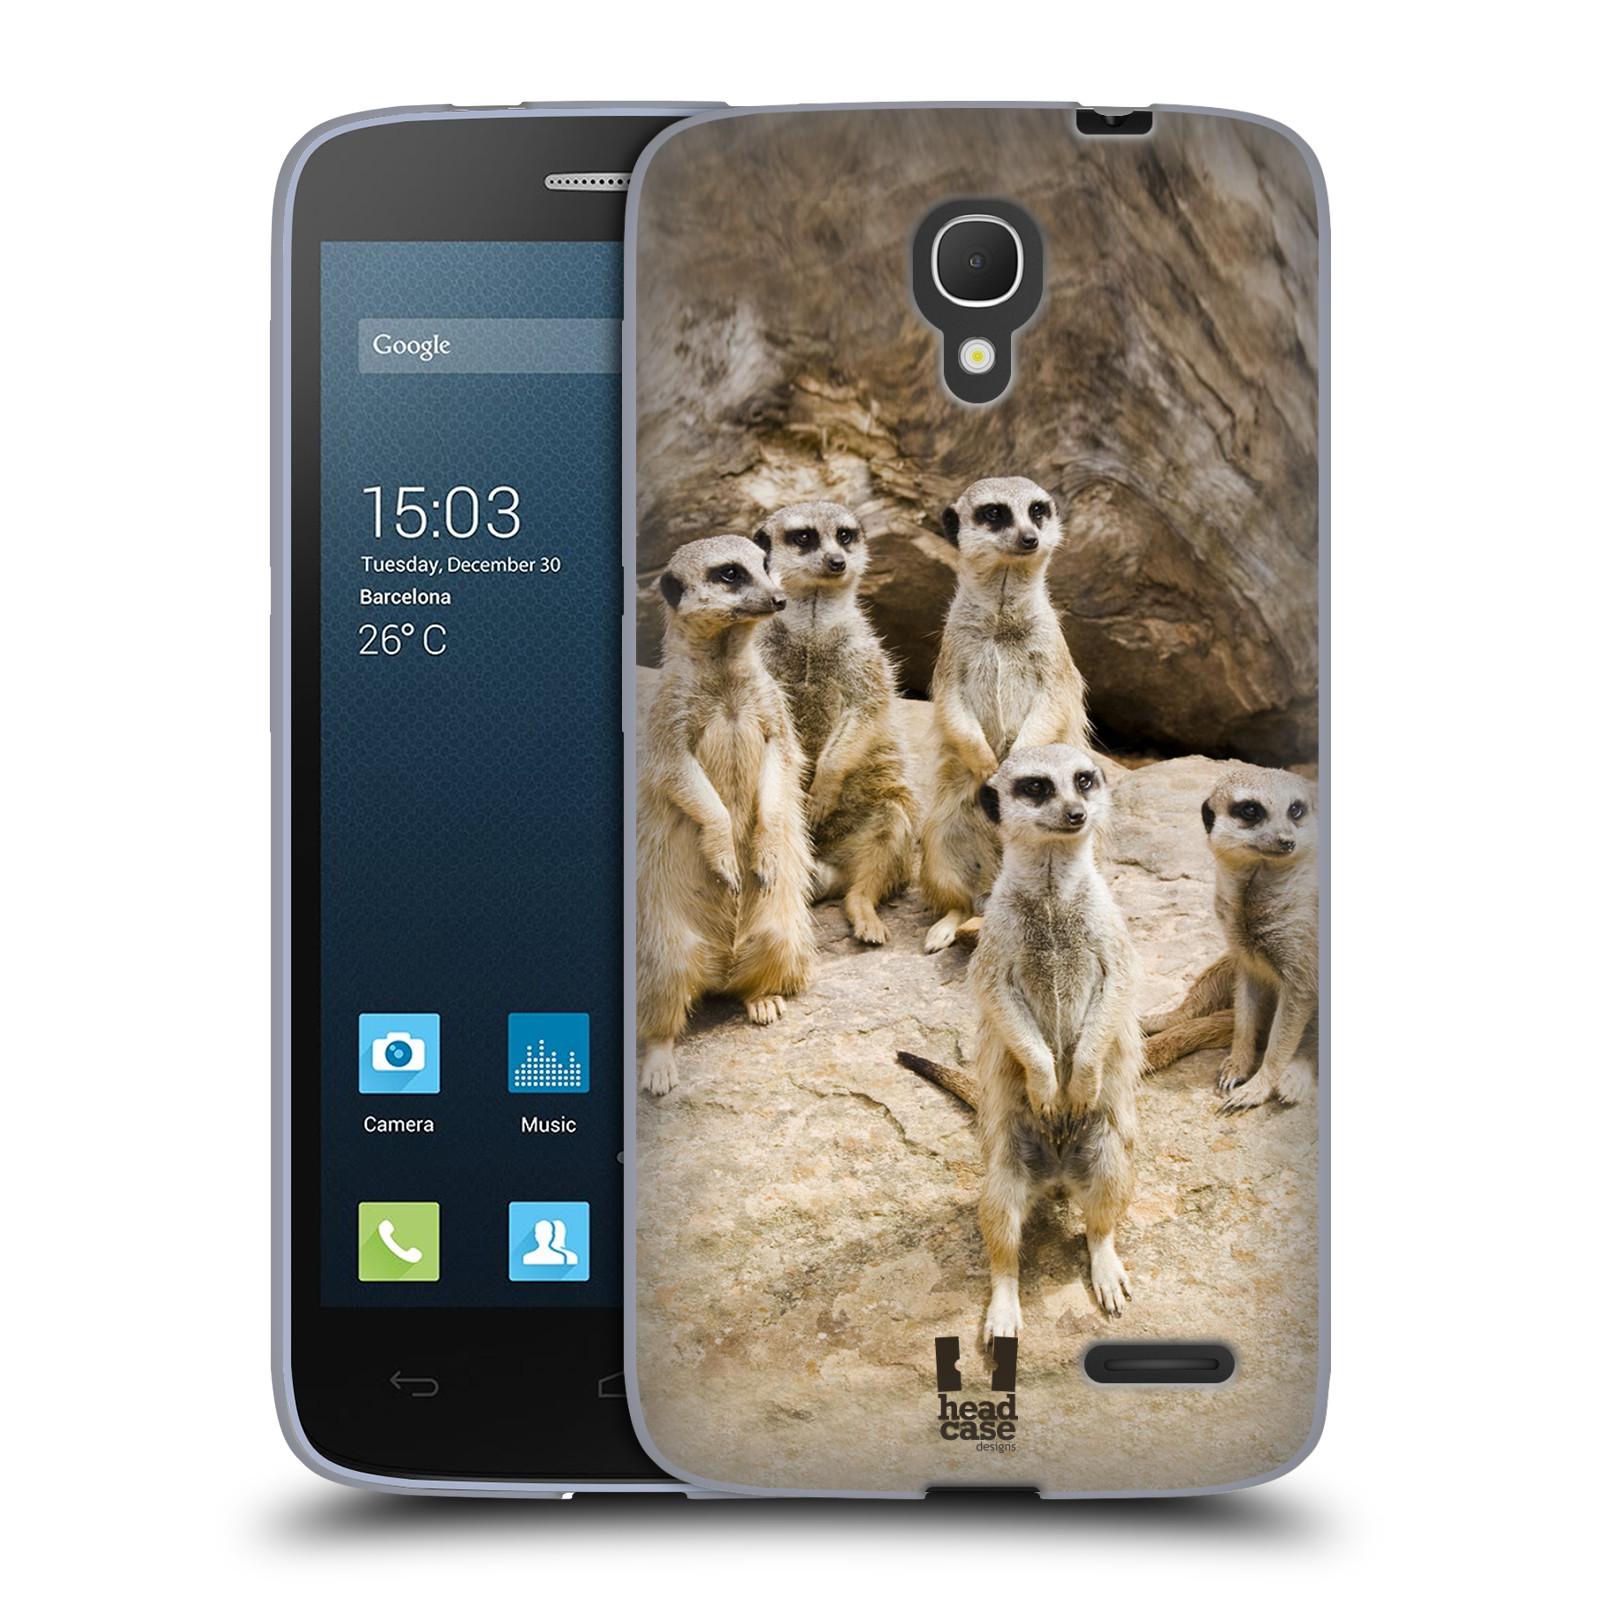 HEAD CASE silikonový obal na mobil Alcatel POP 2 (5042) (Displej 4,5) vzor Divočina, Divoký život a zvířata foto SURIKATA